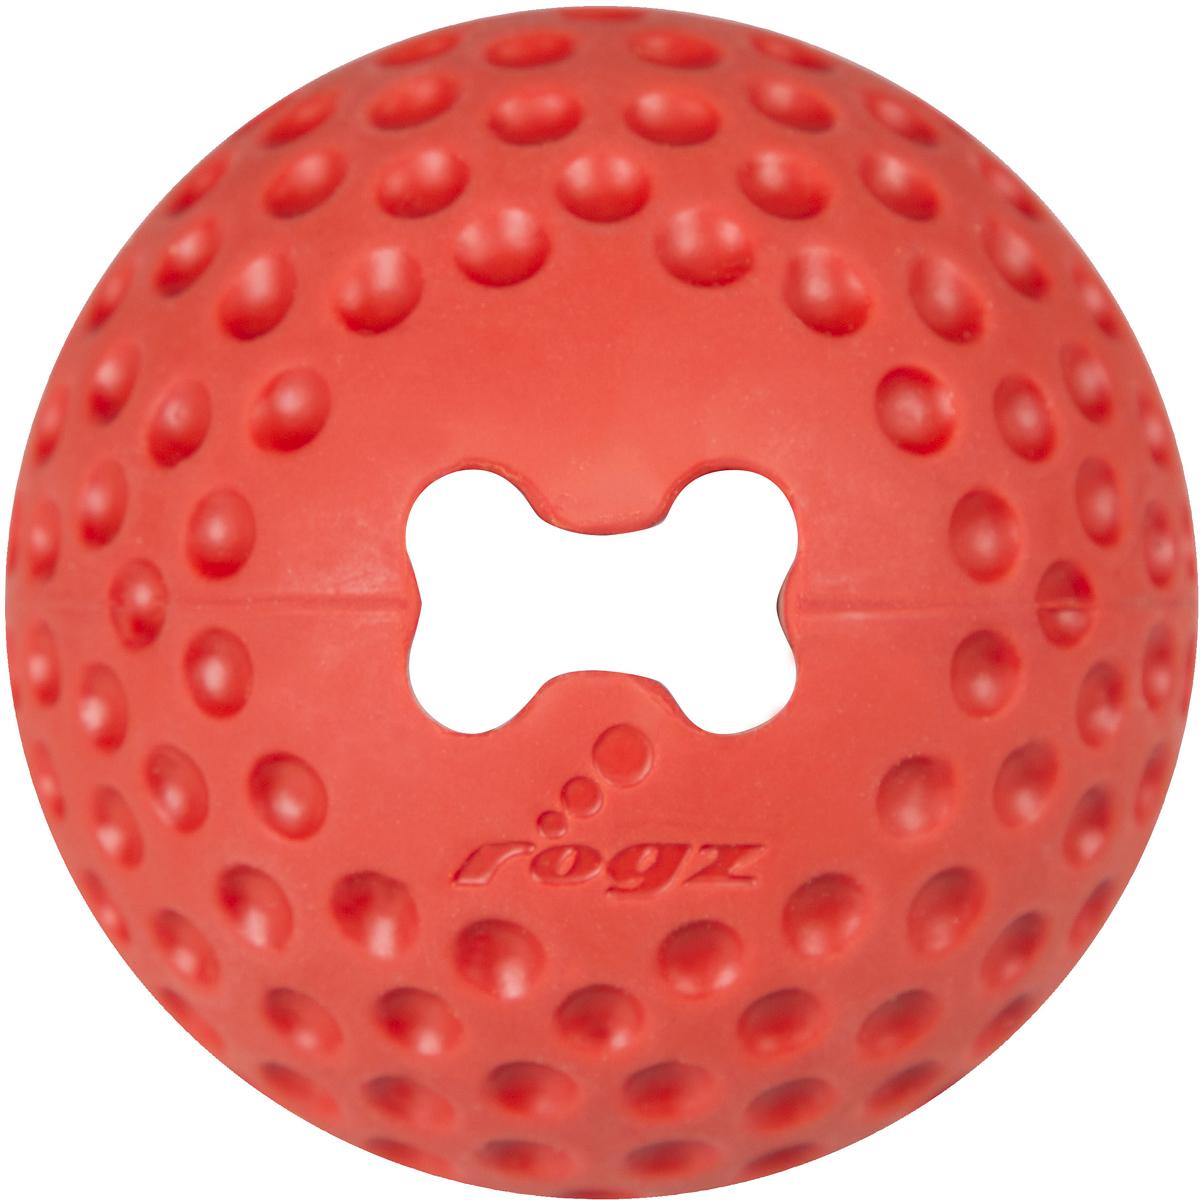 Игрушка для собак Rogz Gumz, с отверстием для лакомства, цвет: красный, диаметр 4,9 смGU01CИгрушка для собак Rogz Gumz тренирует жевательные мышцы и массирует десны собаке. Отлично подходит для дрессировки, так как есть отверстие для лакомства.Отлично подпрыгивает при играх.Занимательная игрушка выдерживает долгое жевание и разгрызание. Материал изделия: 85 % натуральной резины, 15 % синтетической резины. Не токсичен.